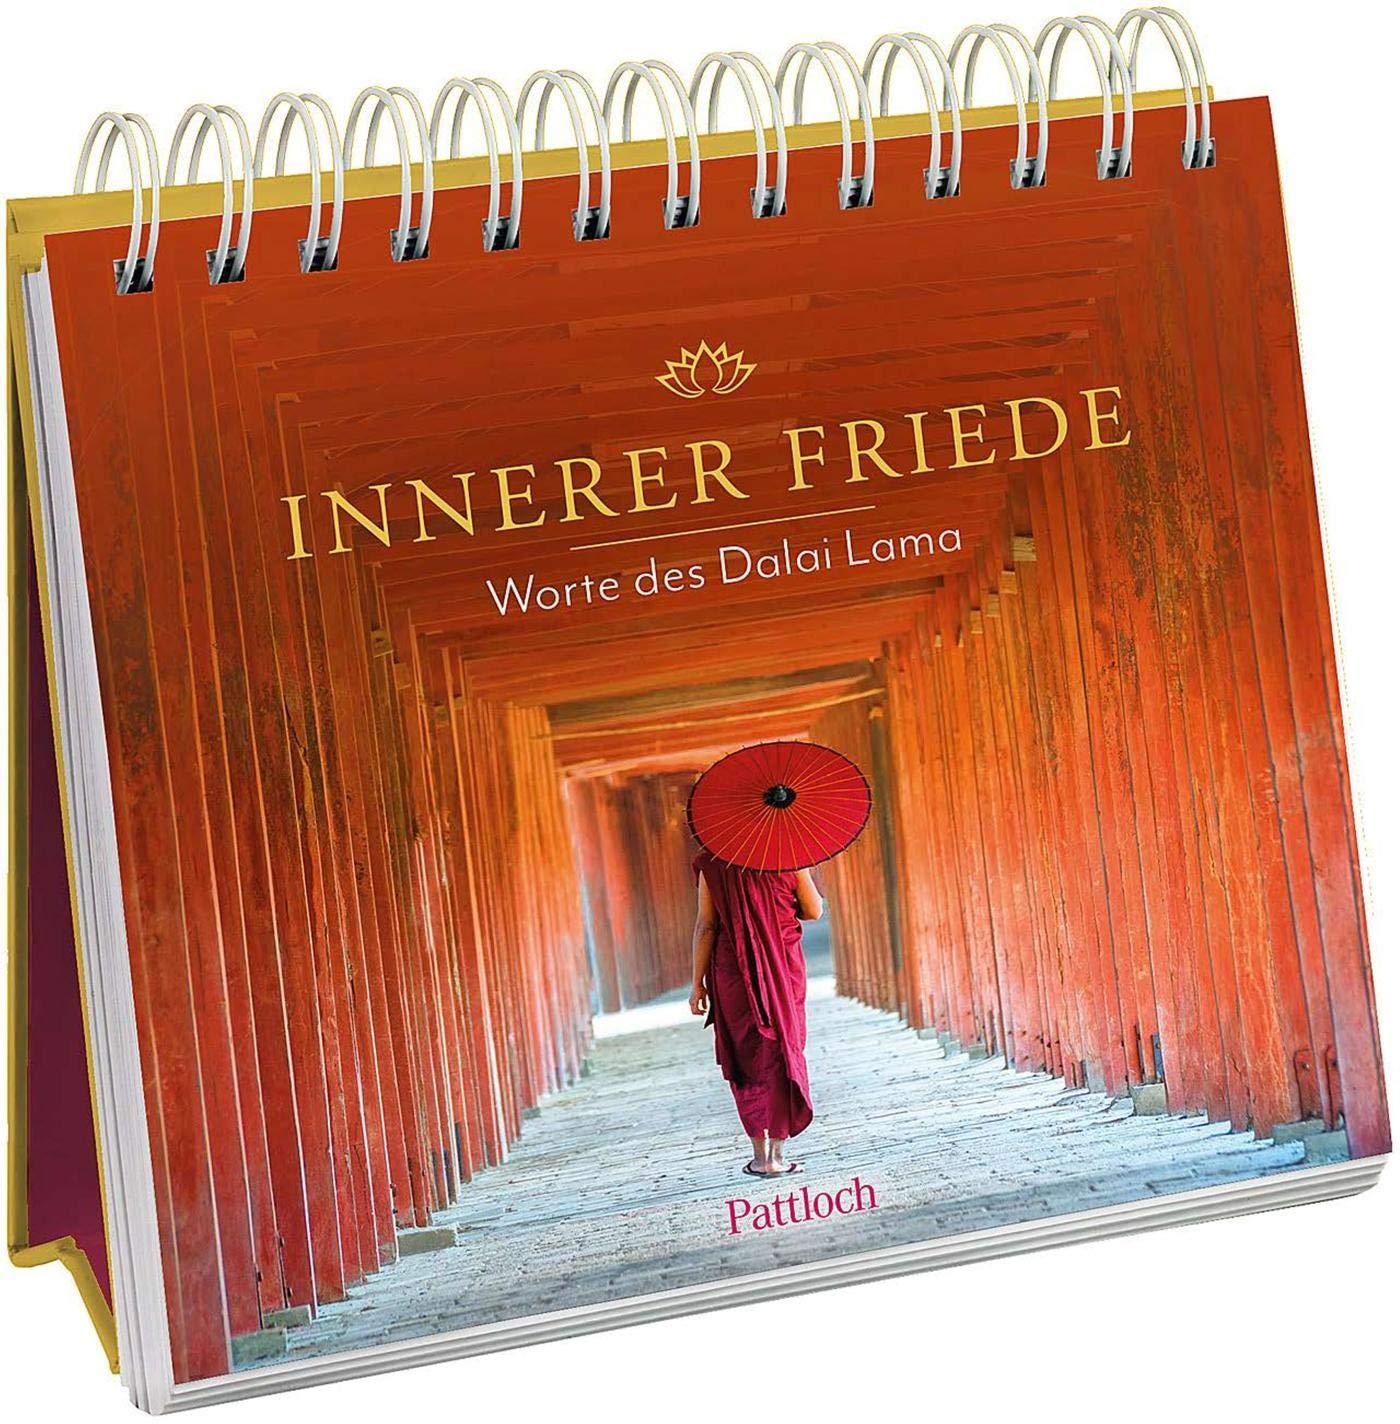 Schönsten des lama zitate die dalai 16 Zitate